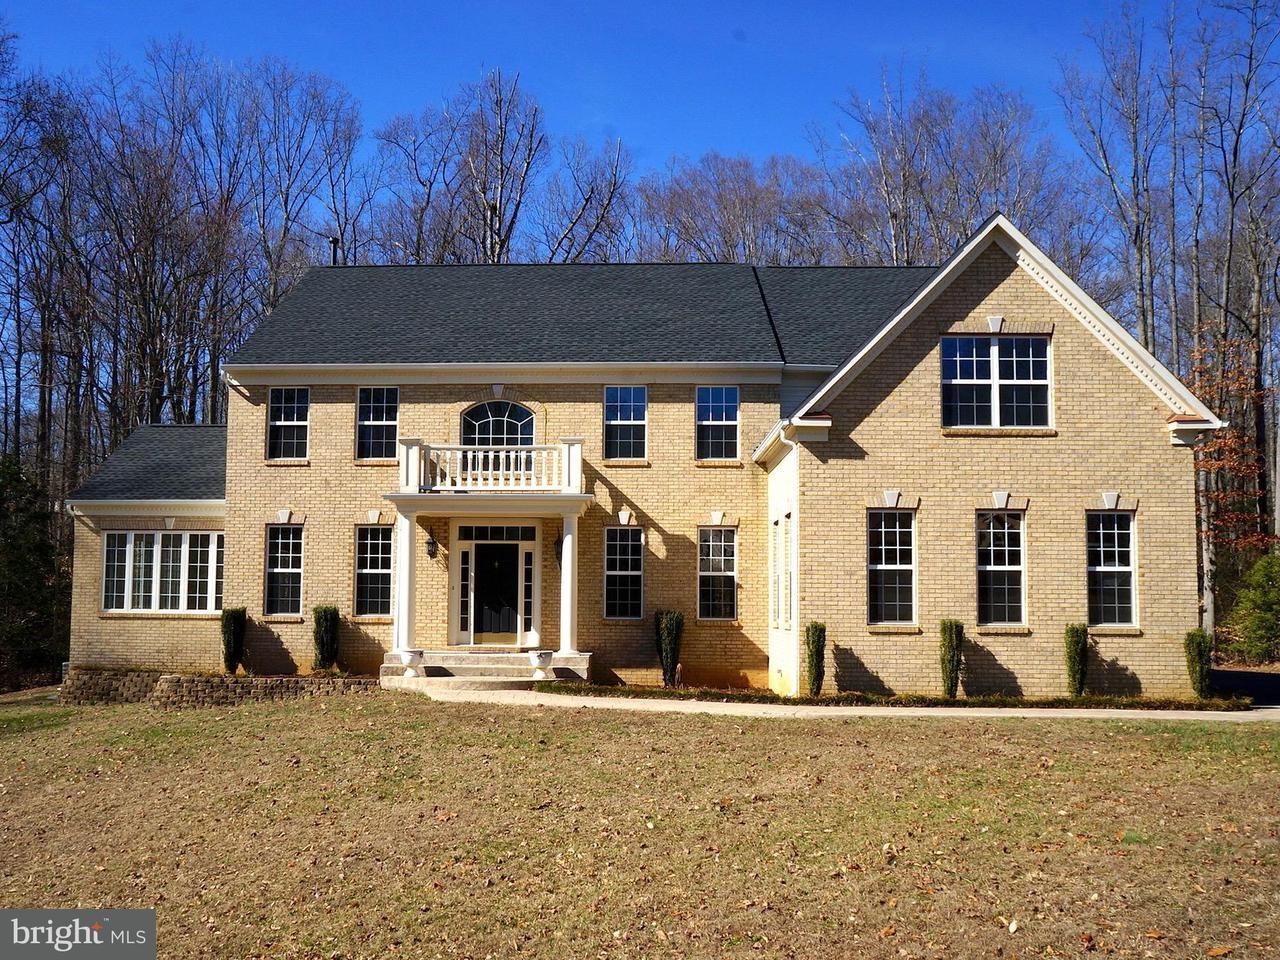 Casa Unifamiliar por un Venta en 48 Falling Creek Drive 48 Falling Creek Drive Stafford, Virginia 22554 Estados Unidos